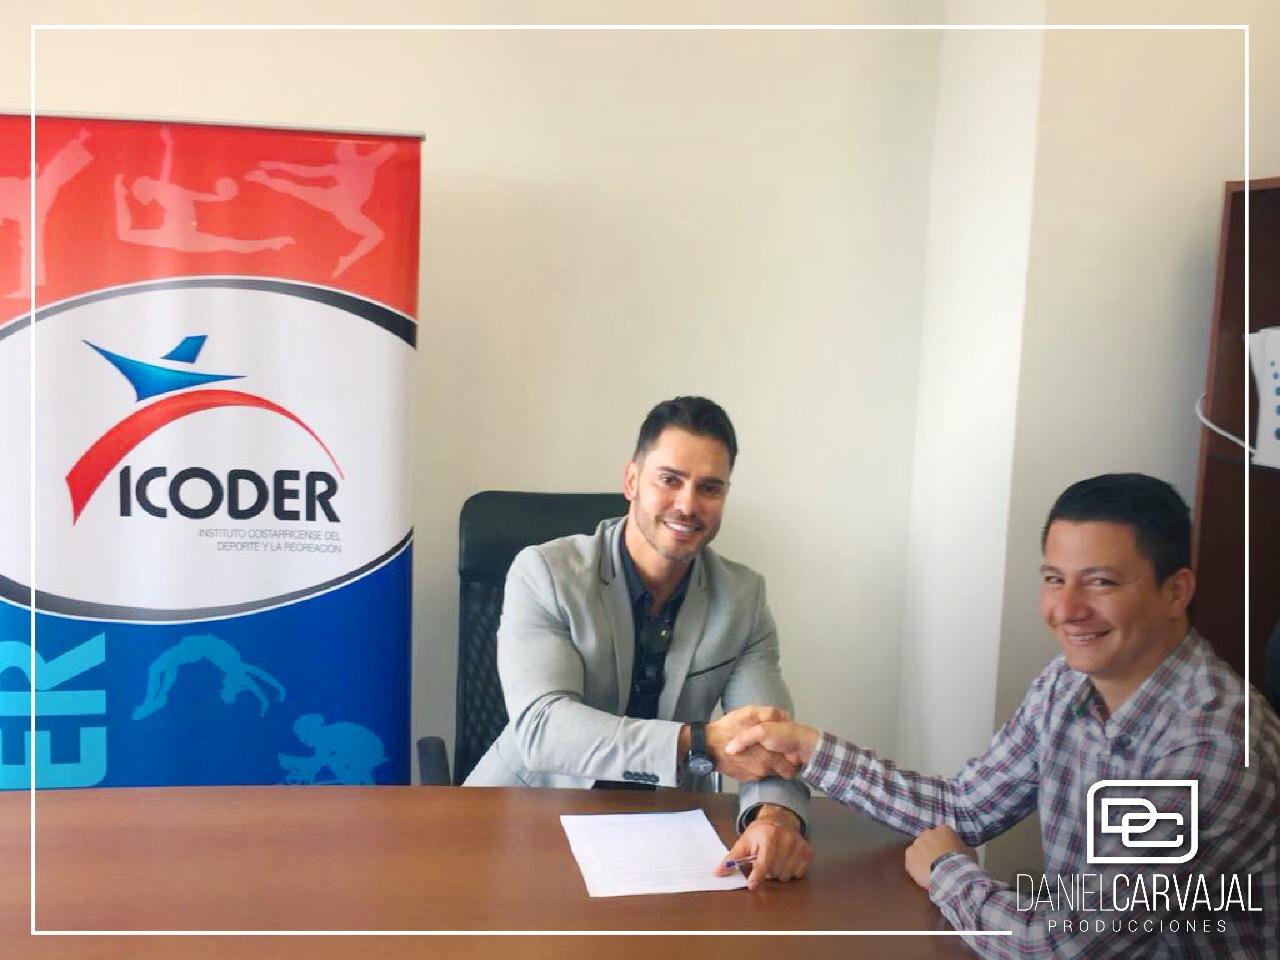 Daniel Carvajal Producciones será patrocinador oficial de los Juegos deportivos nacionales 2018